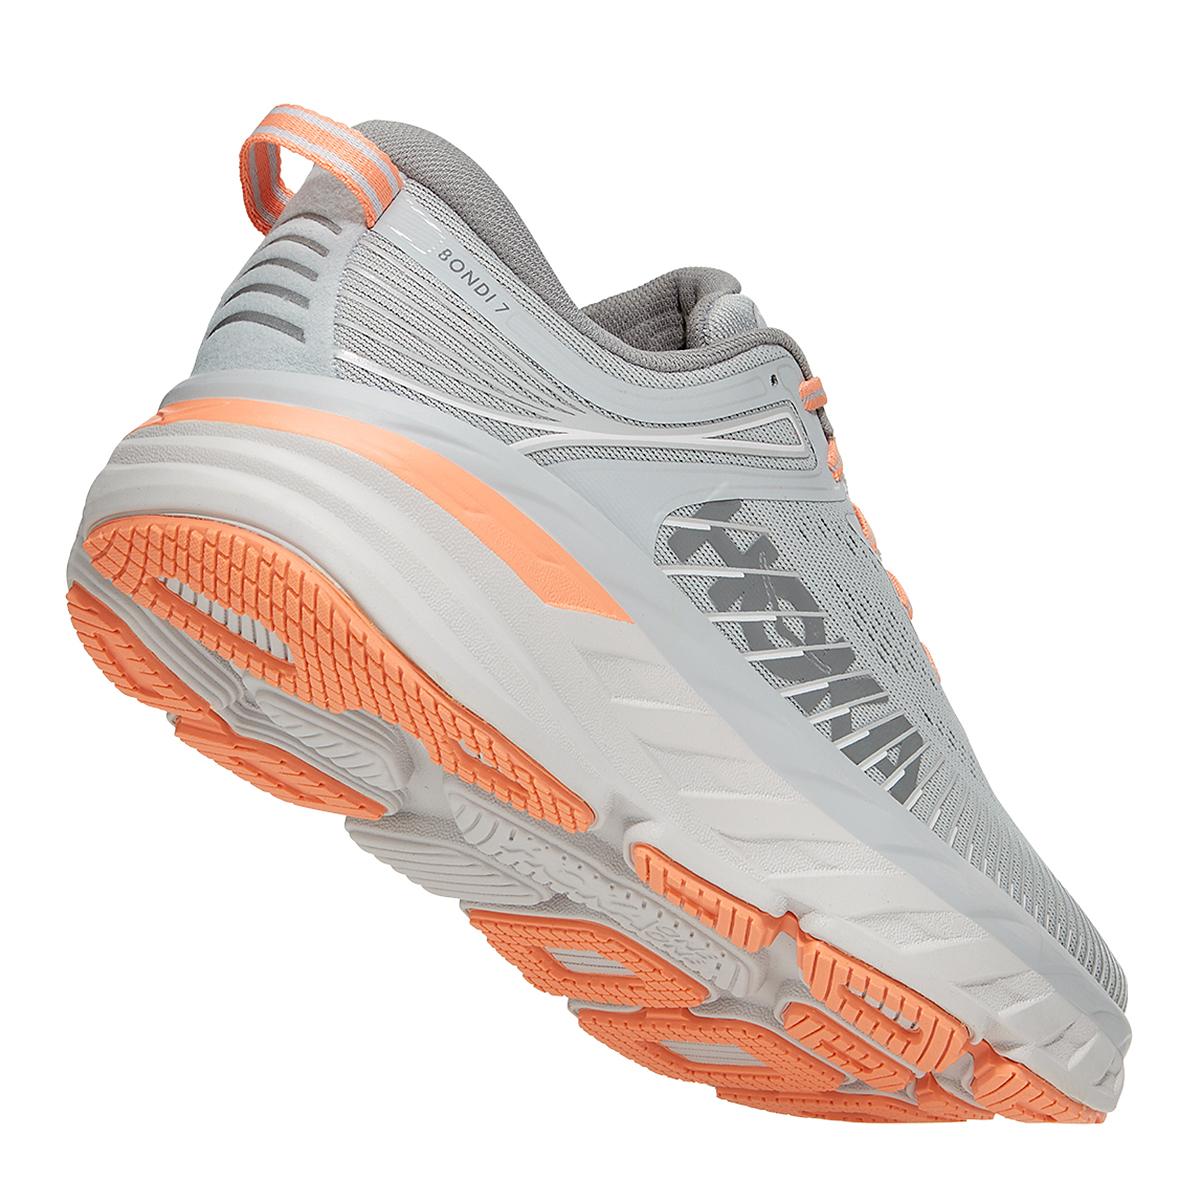 Women's Hoka One One Bondi 7 Running Shoe - Color: Harbor Mist/Sharkskin - Size: 5 - Width: Regular, Harbor Mist/Sharkskin, large, image 4